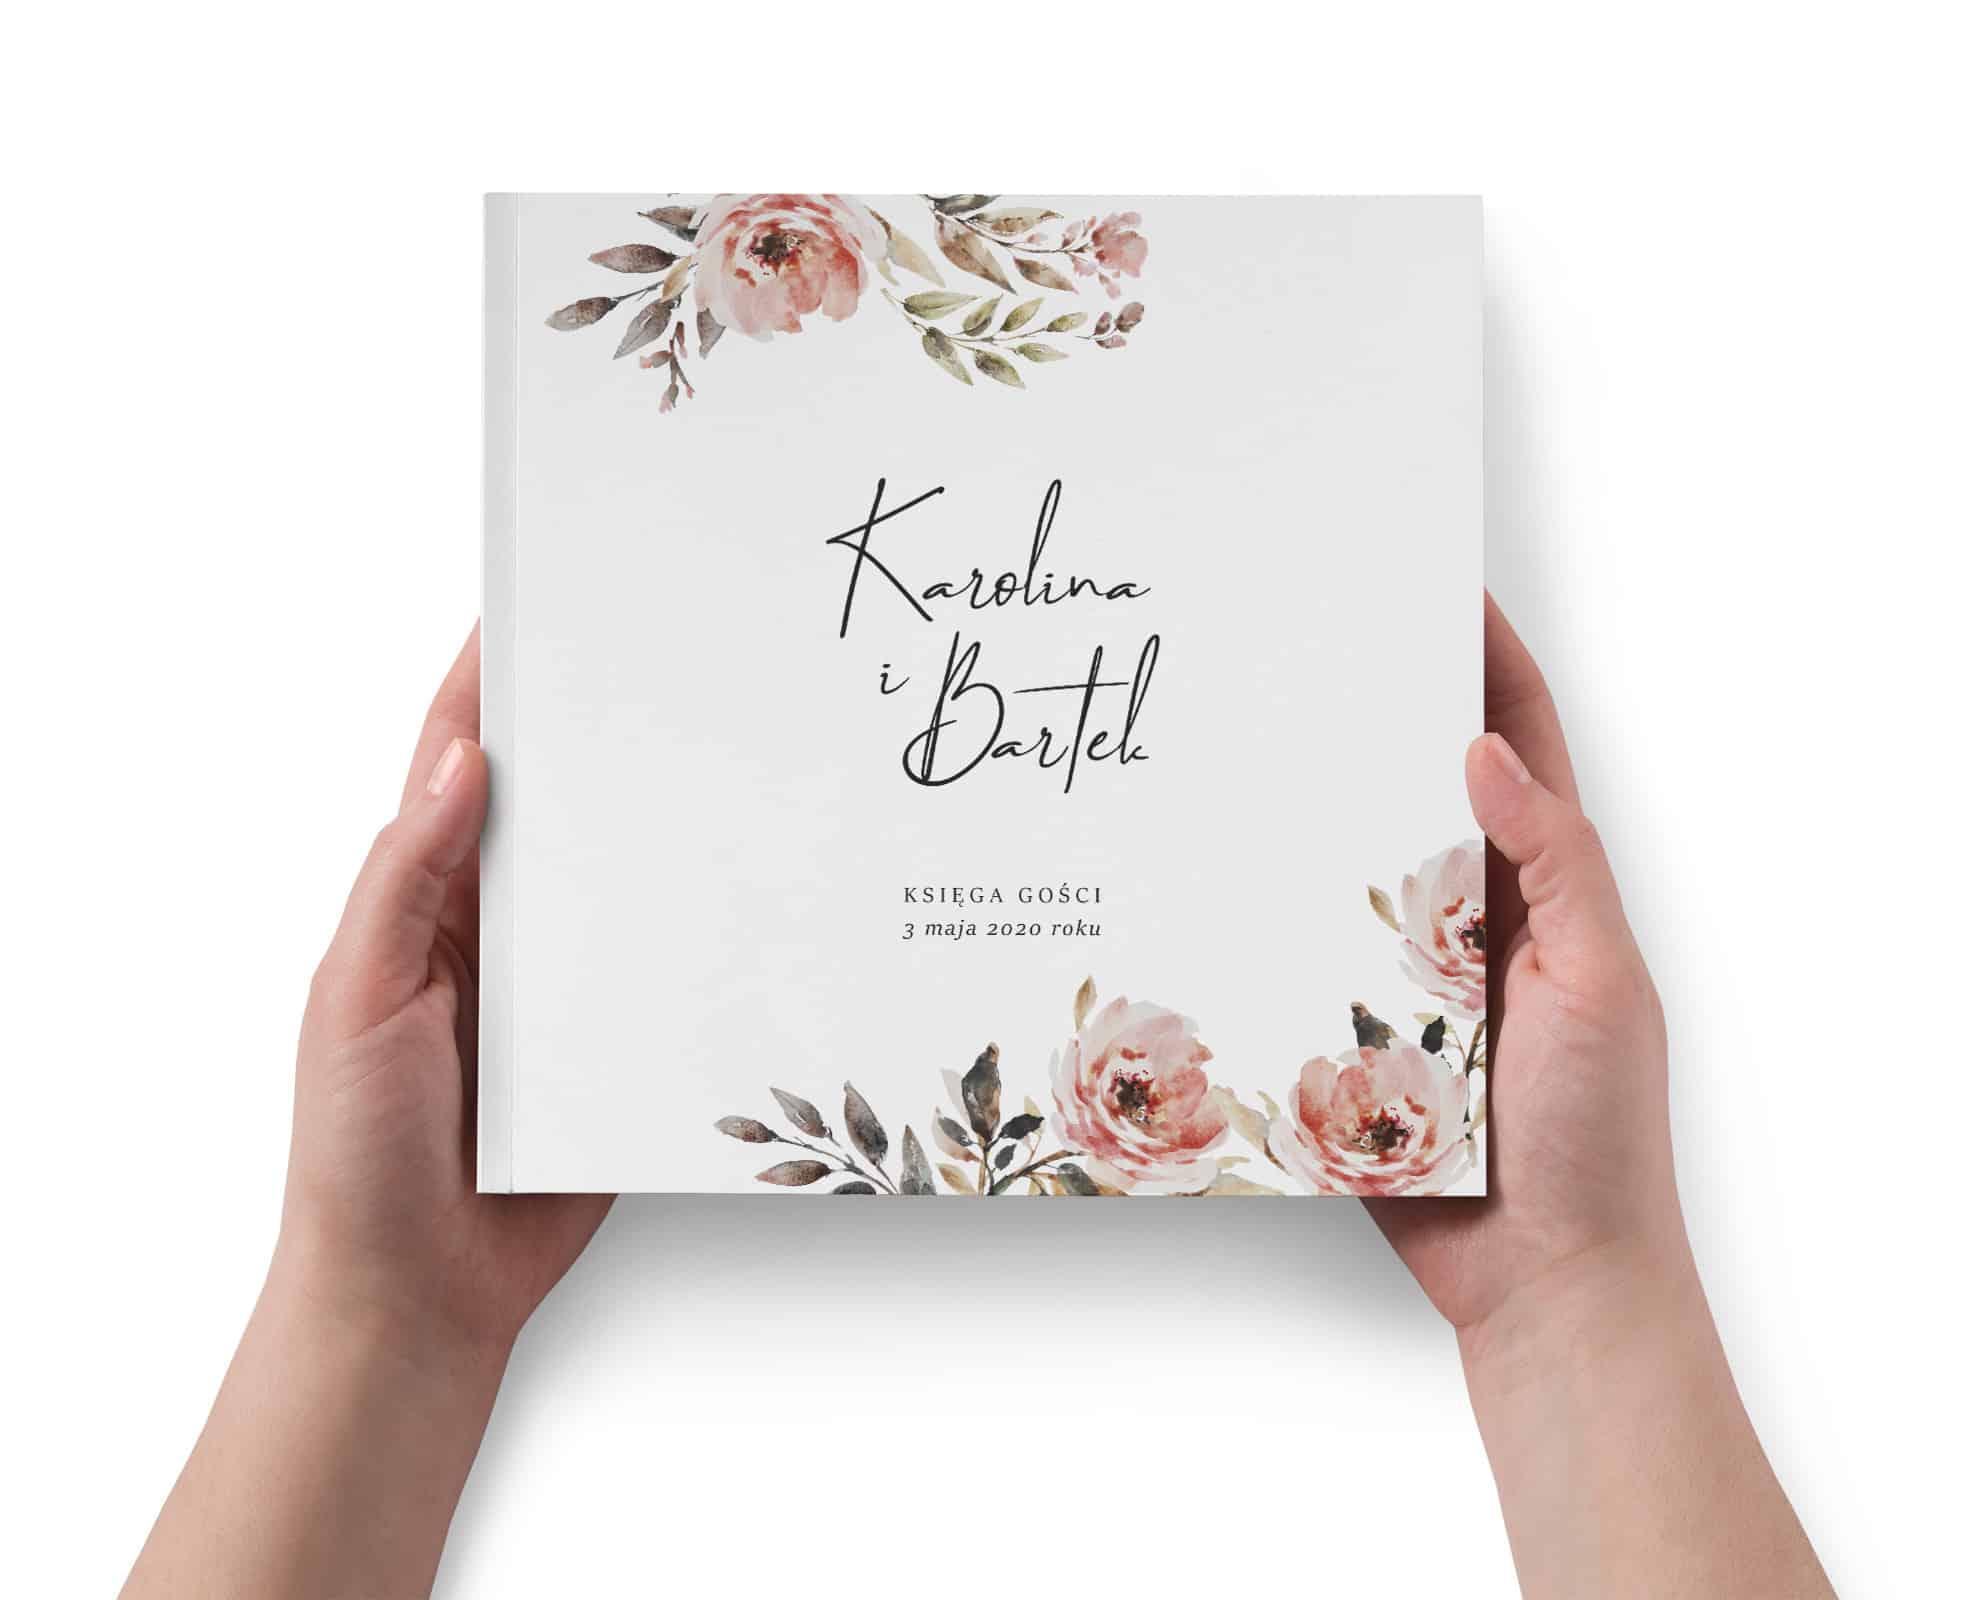 Księga gości weselnych z akwarelowymi różowymi kwiatami na okładce.